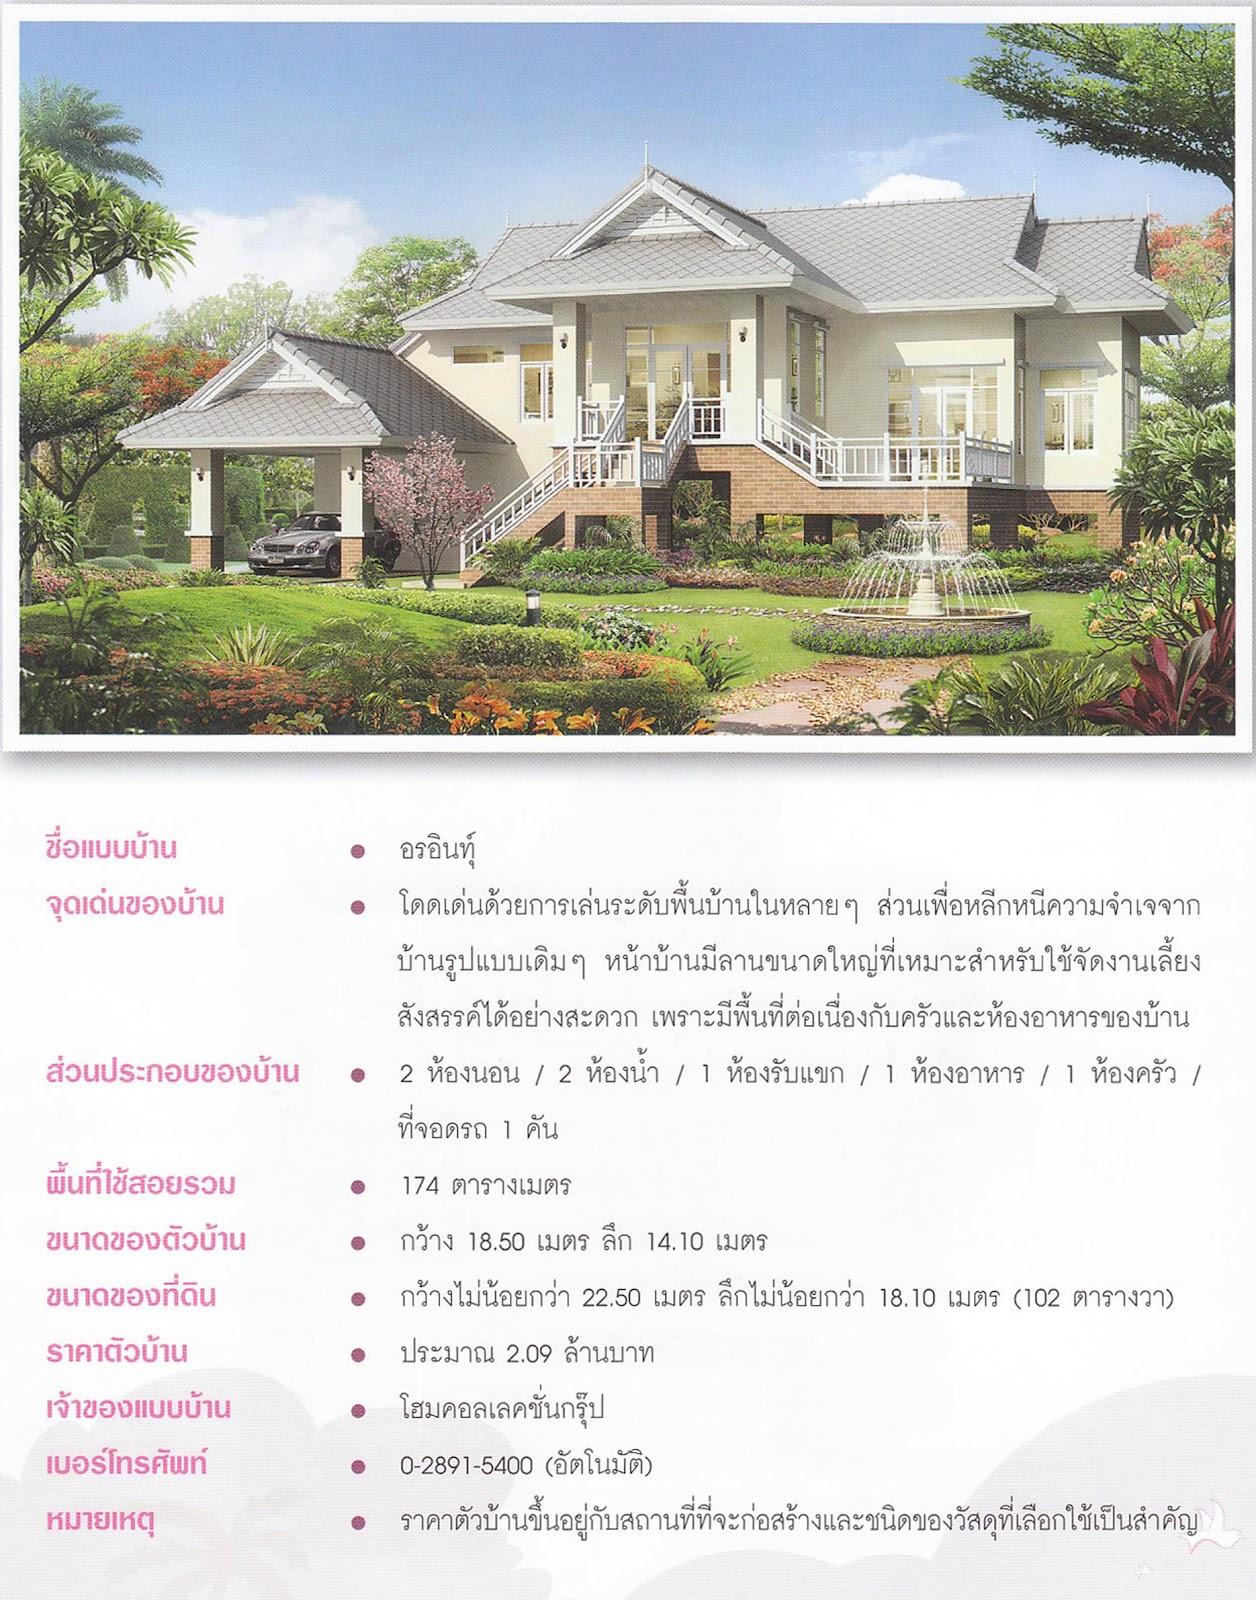 รวมแบบบ้านจาก Magazine (Thaihomeplan)( 4327/1 )